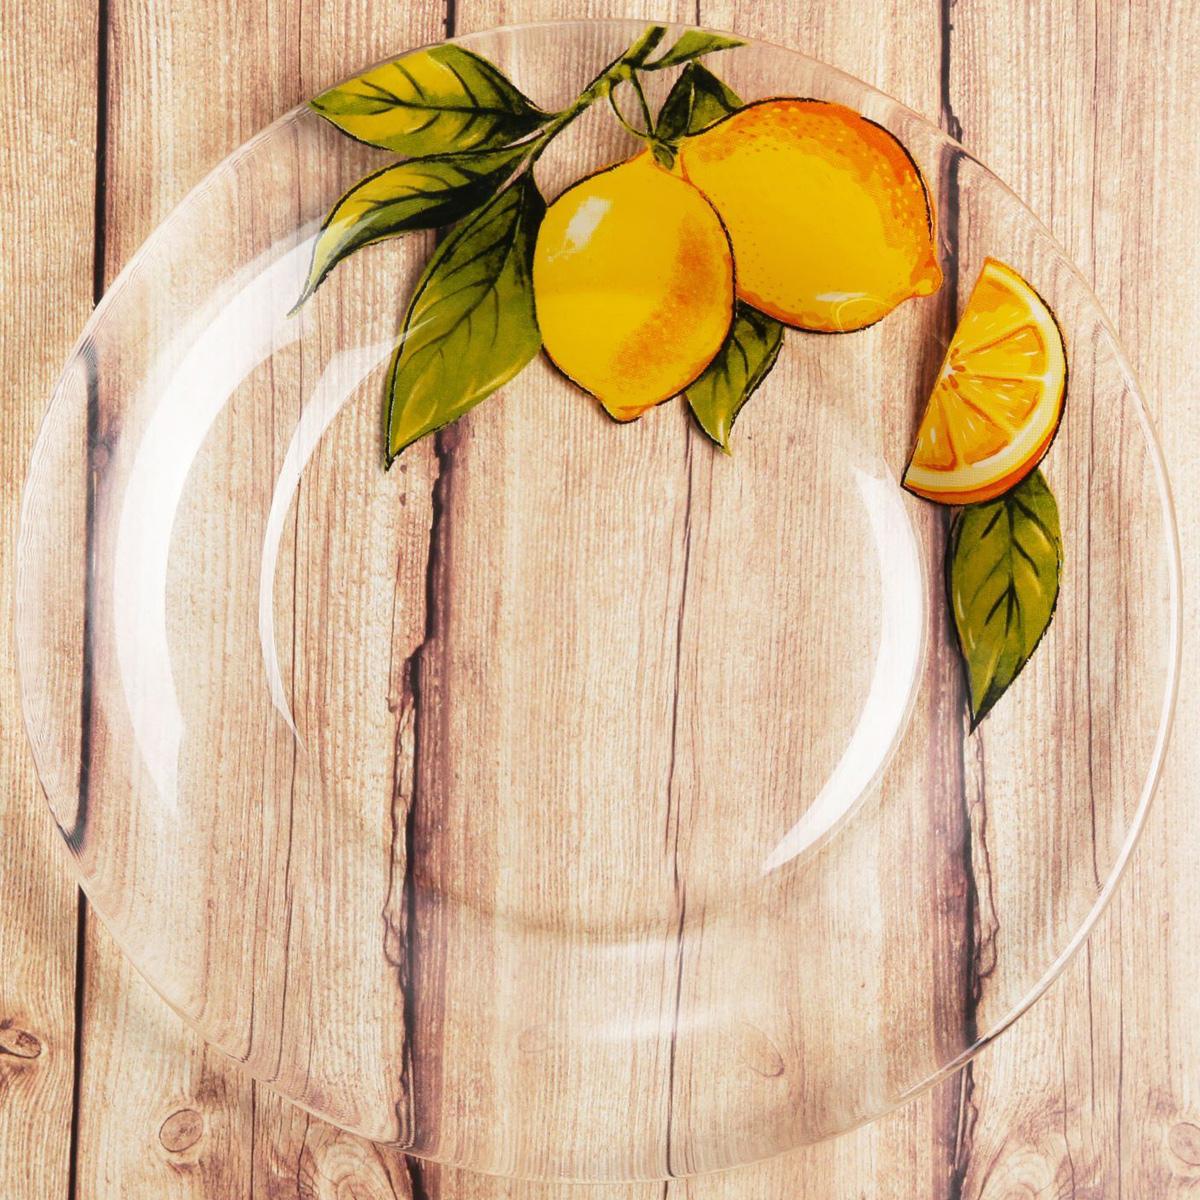 Тарелка Sima-land Лимоны, диаметр 20 см2196441Красивая тарелка с рисунком дополнит праздничный стол, ведь прозрачное стекло выглядит элегантно и стильно. Тарелку можно использовать в микроволновой печи и мыть в посудомоечной машине. При бережном обращении изделие будет радовать вас безукоризненным внешним видом долгие годы.